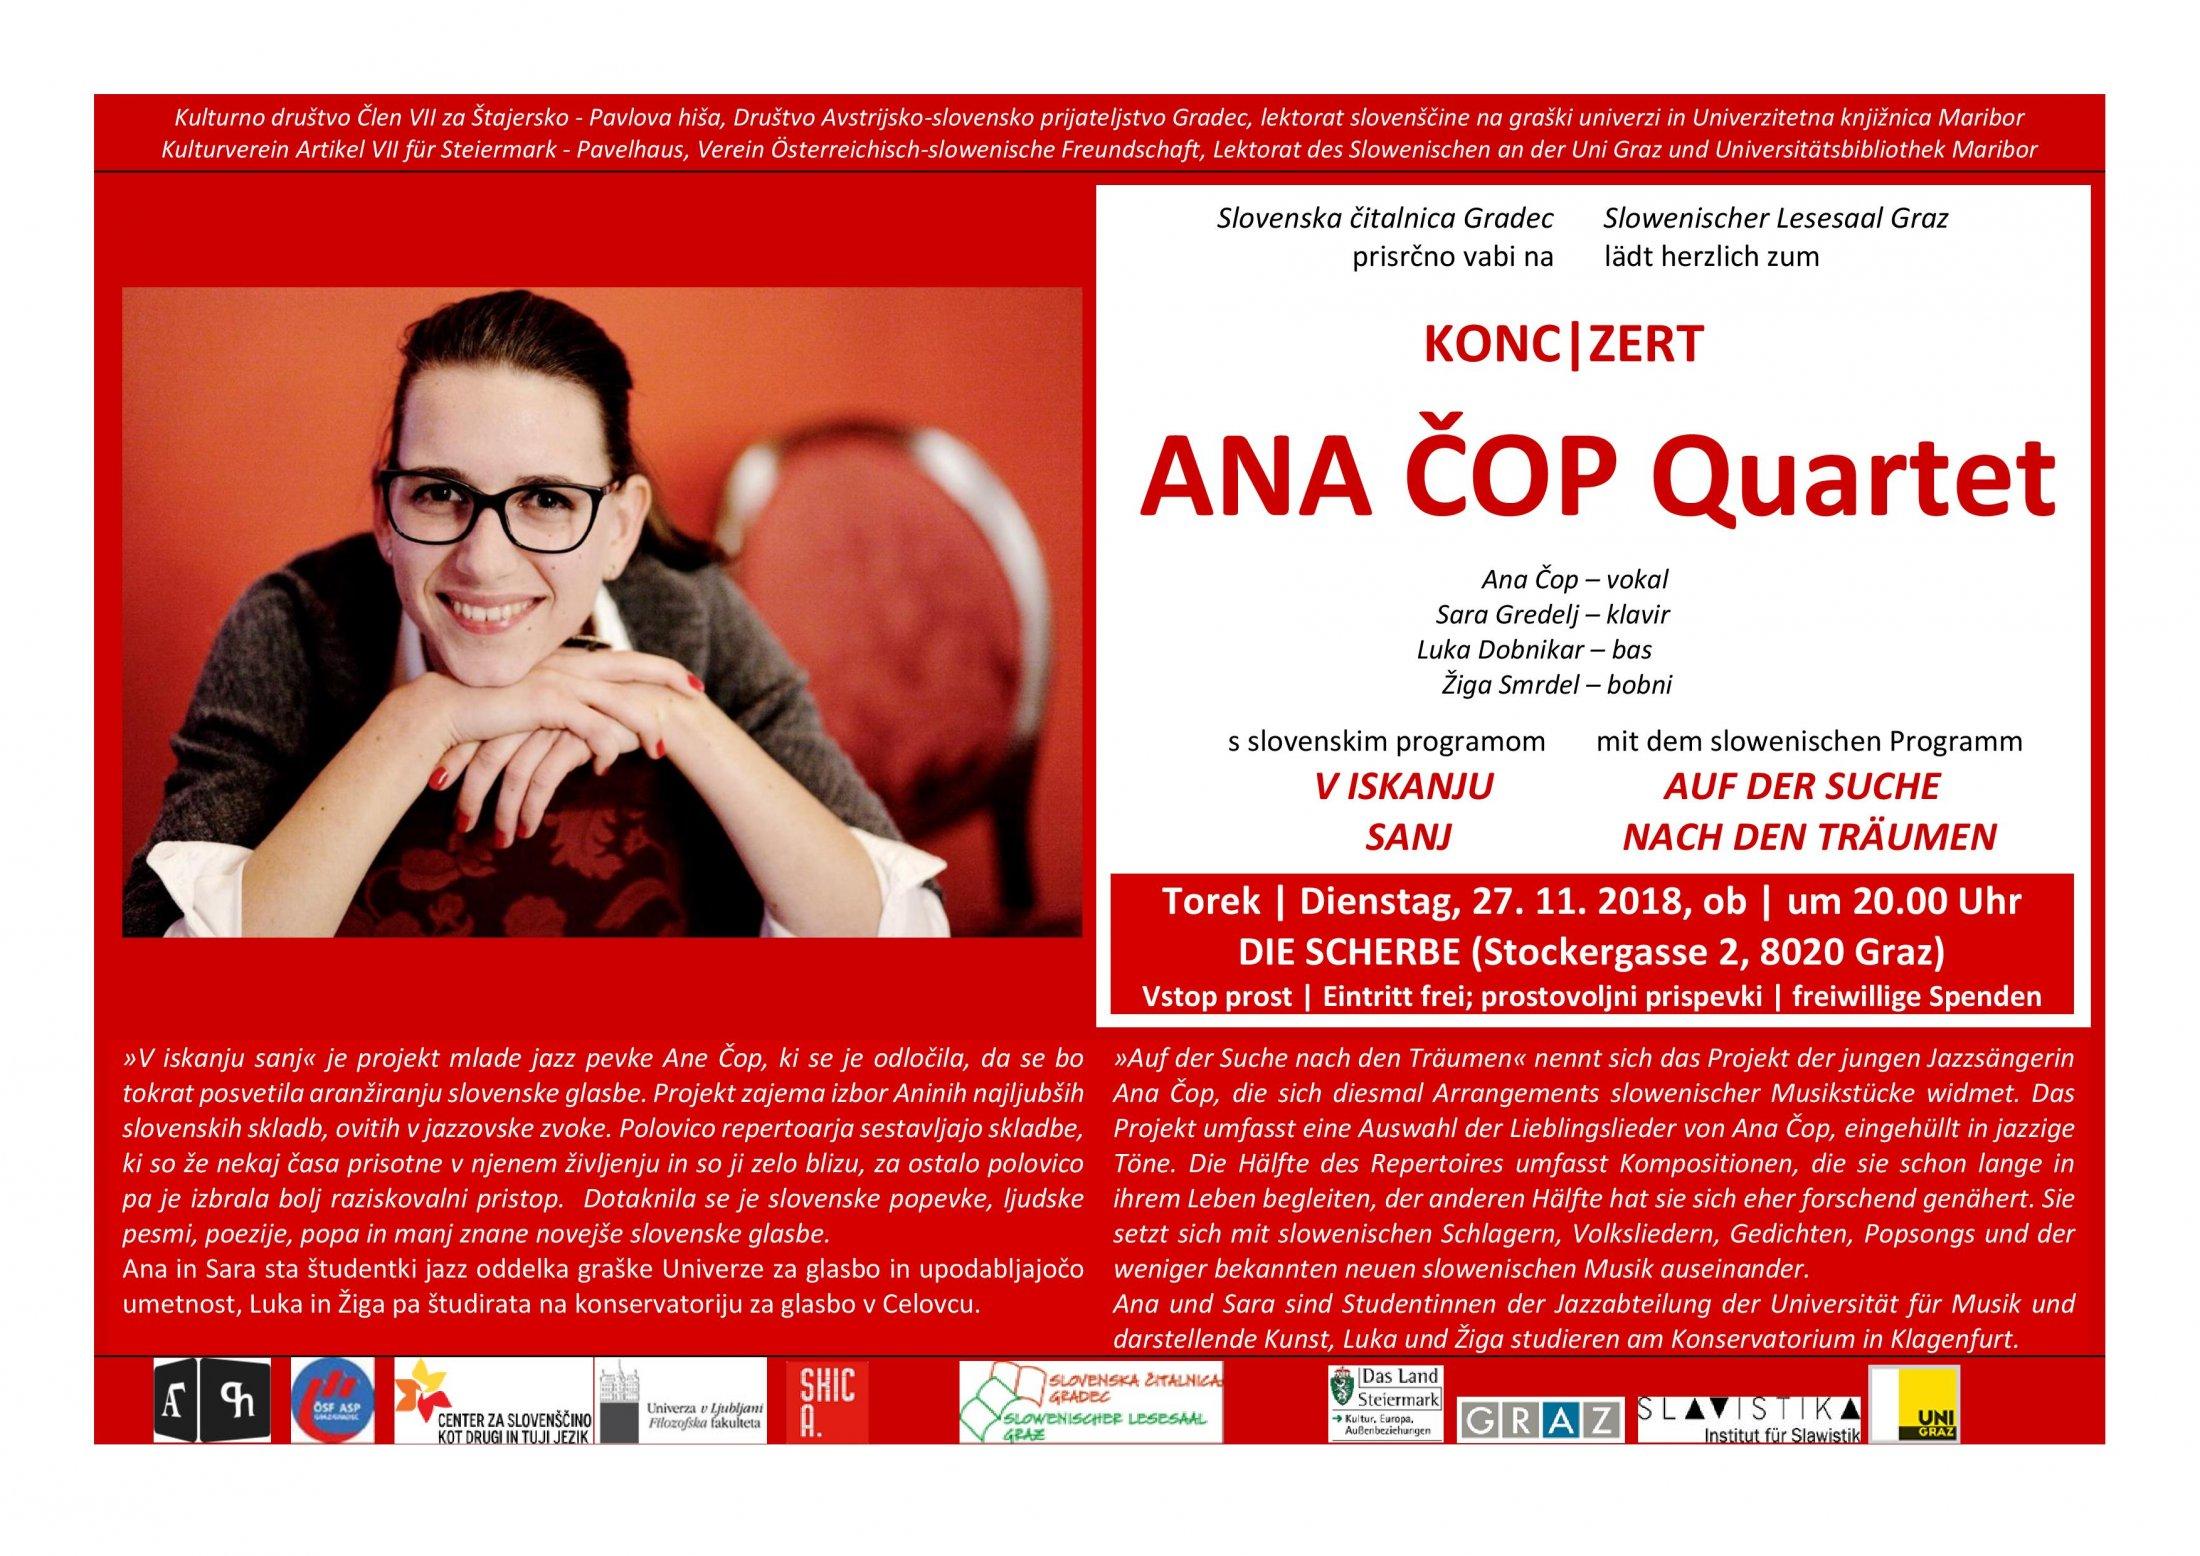 Ana Cop Quartet, Graz (die Scherbe), Plakat